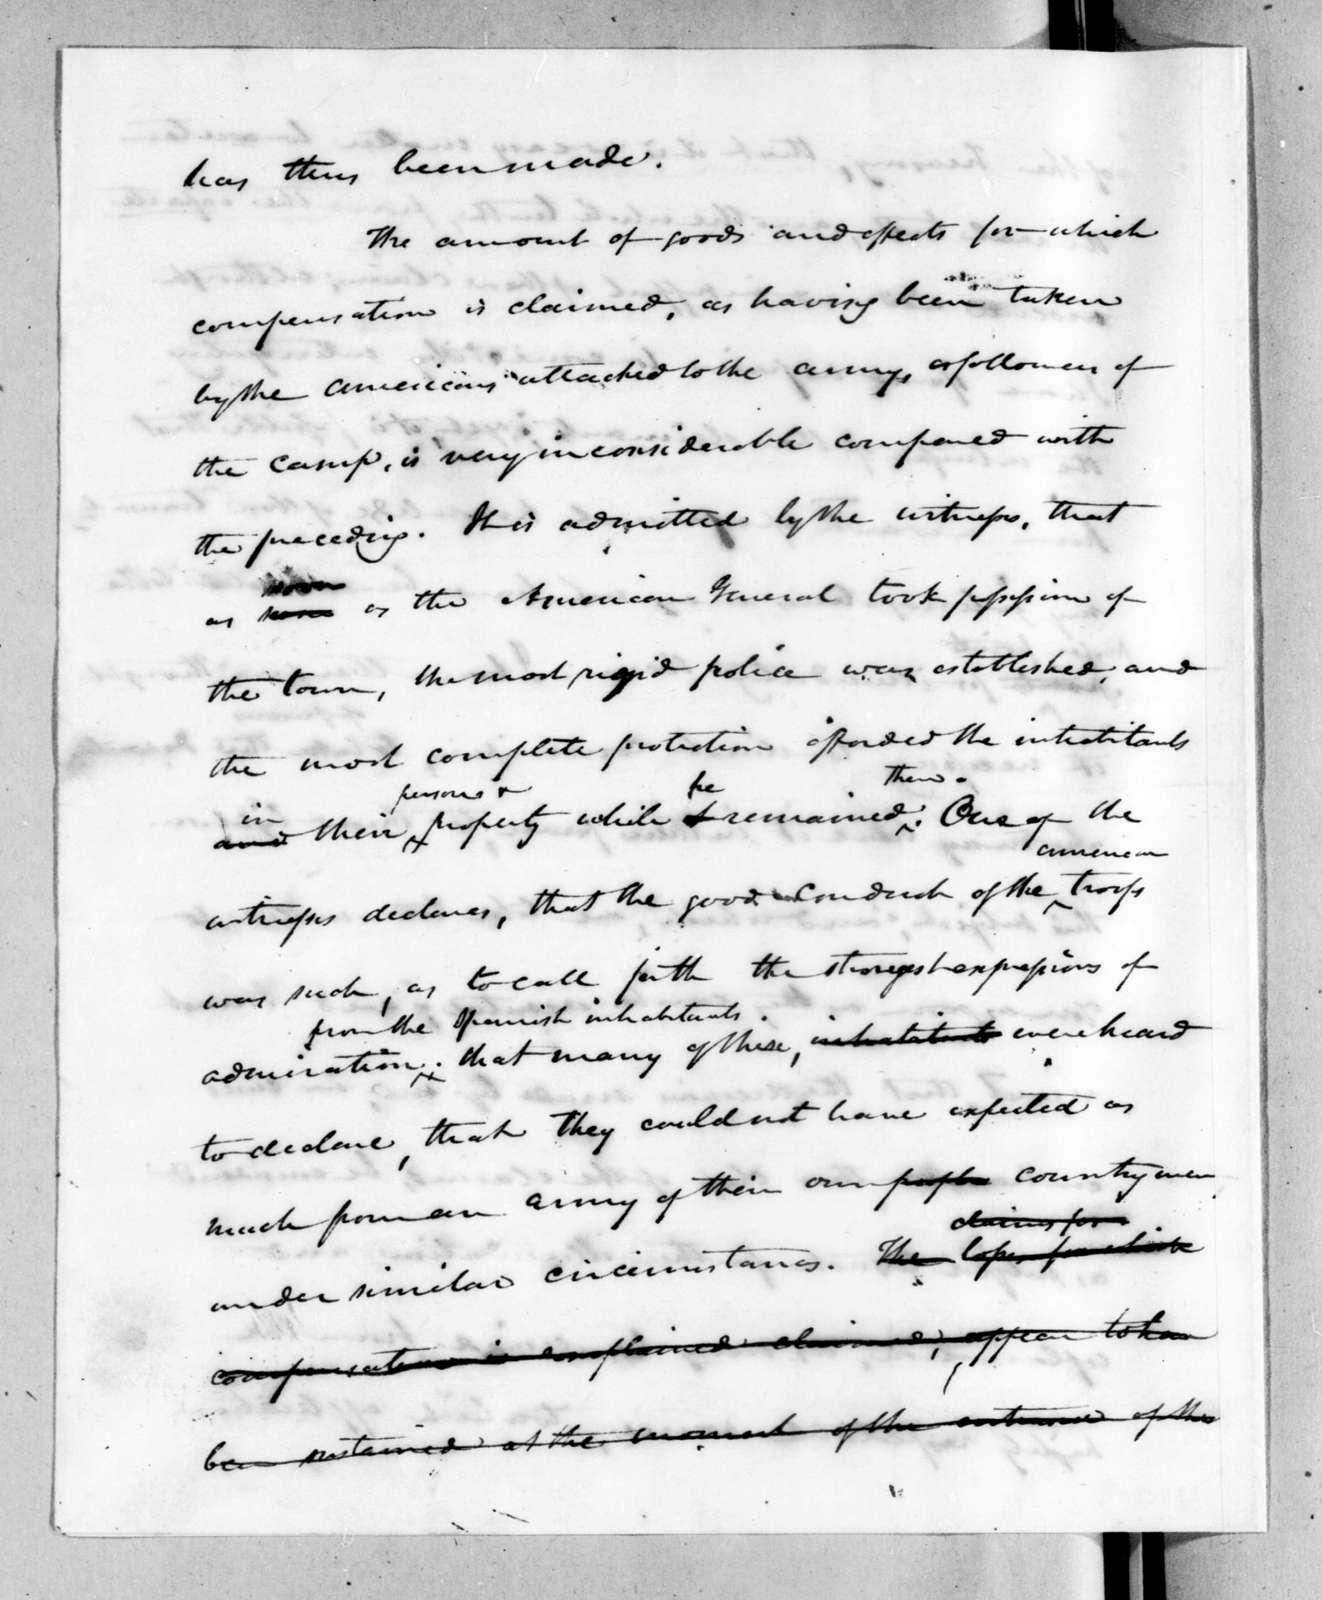 Henry Marie Brackenridge to William Harris Crawford, January 30, 1824